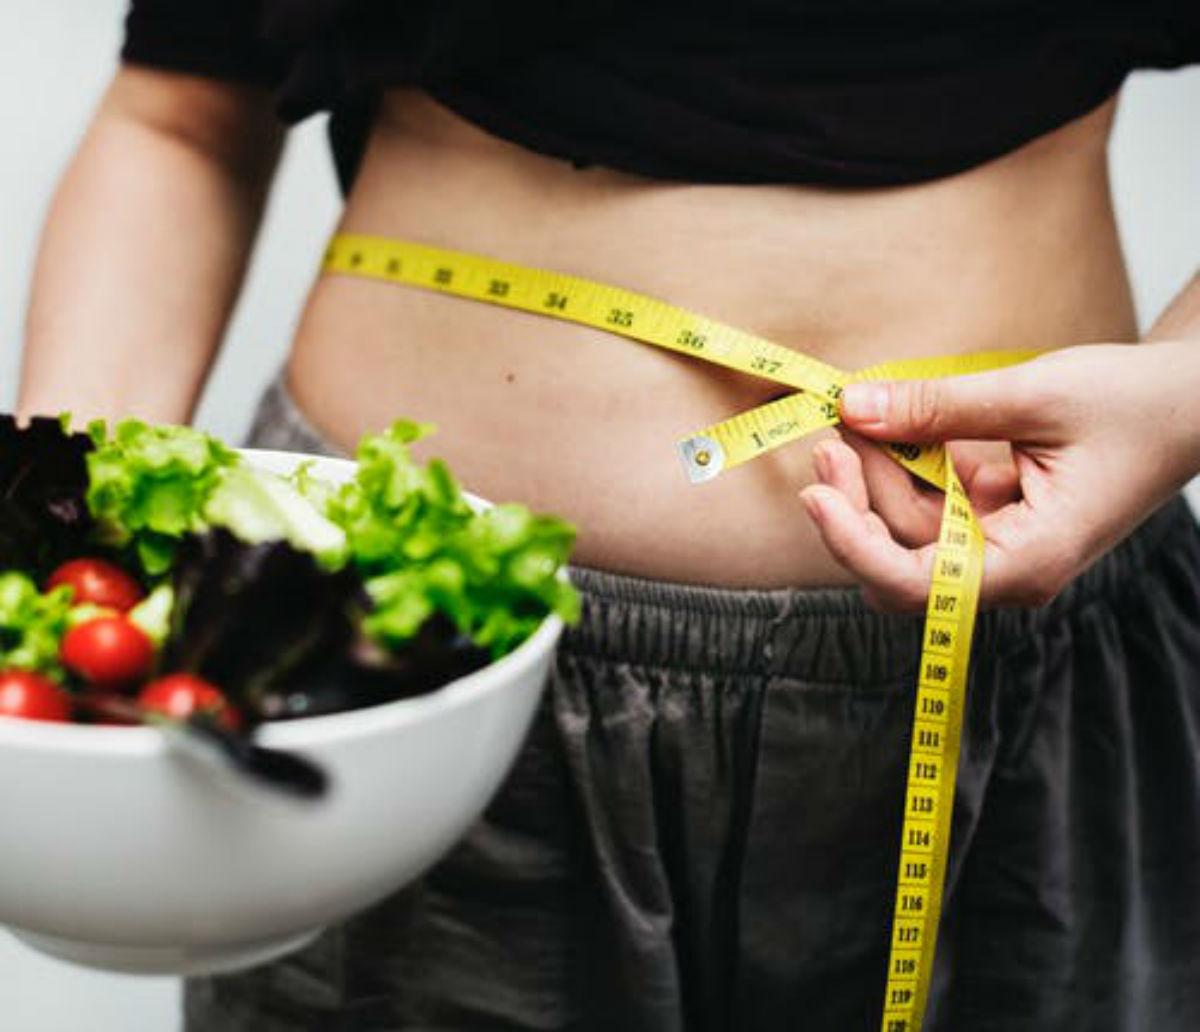 come mangiare per perdere peso in modo sano